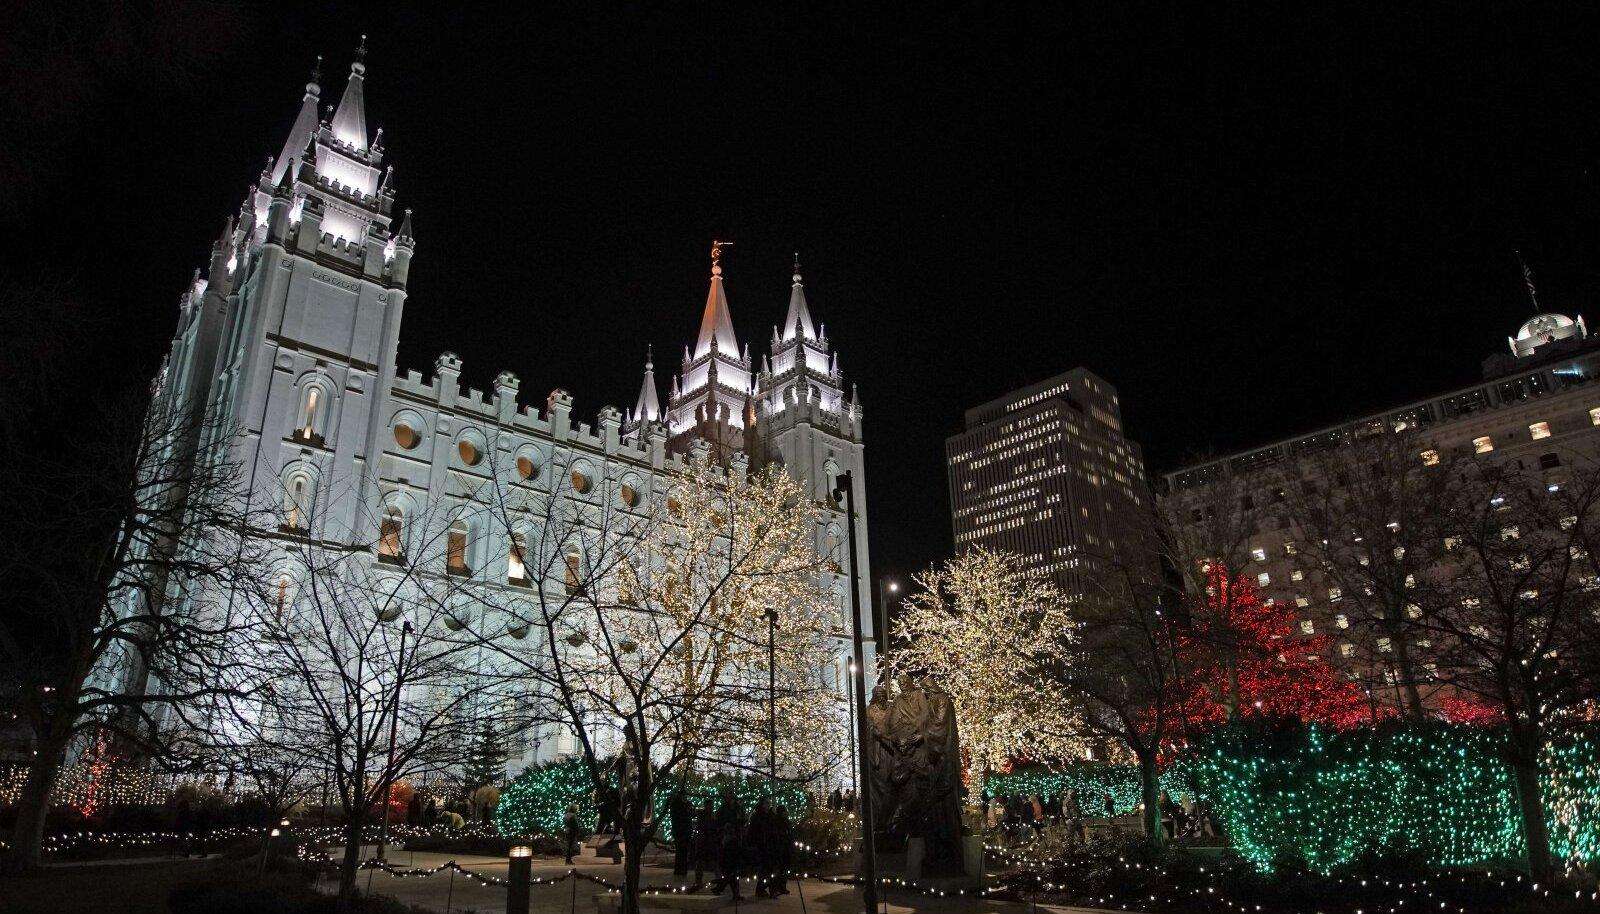 Viimse Aja Pühade Jeesuse Kristuse Kirik Ameerika Ühendriikides Salt Lake City'is